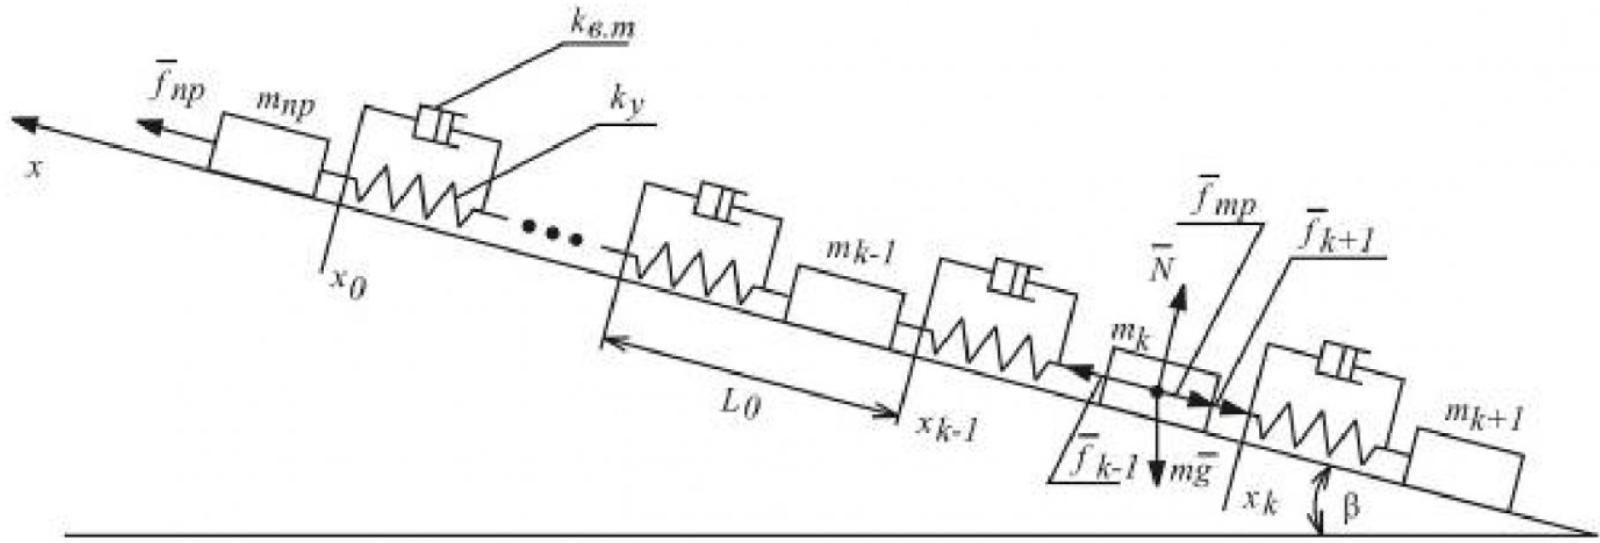 Рисунок 2 – Дискретное представление рабочего органа скребкового конвейера